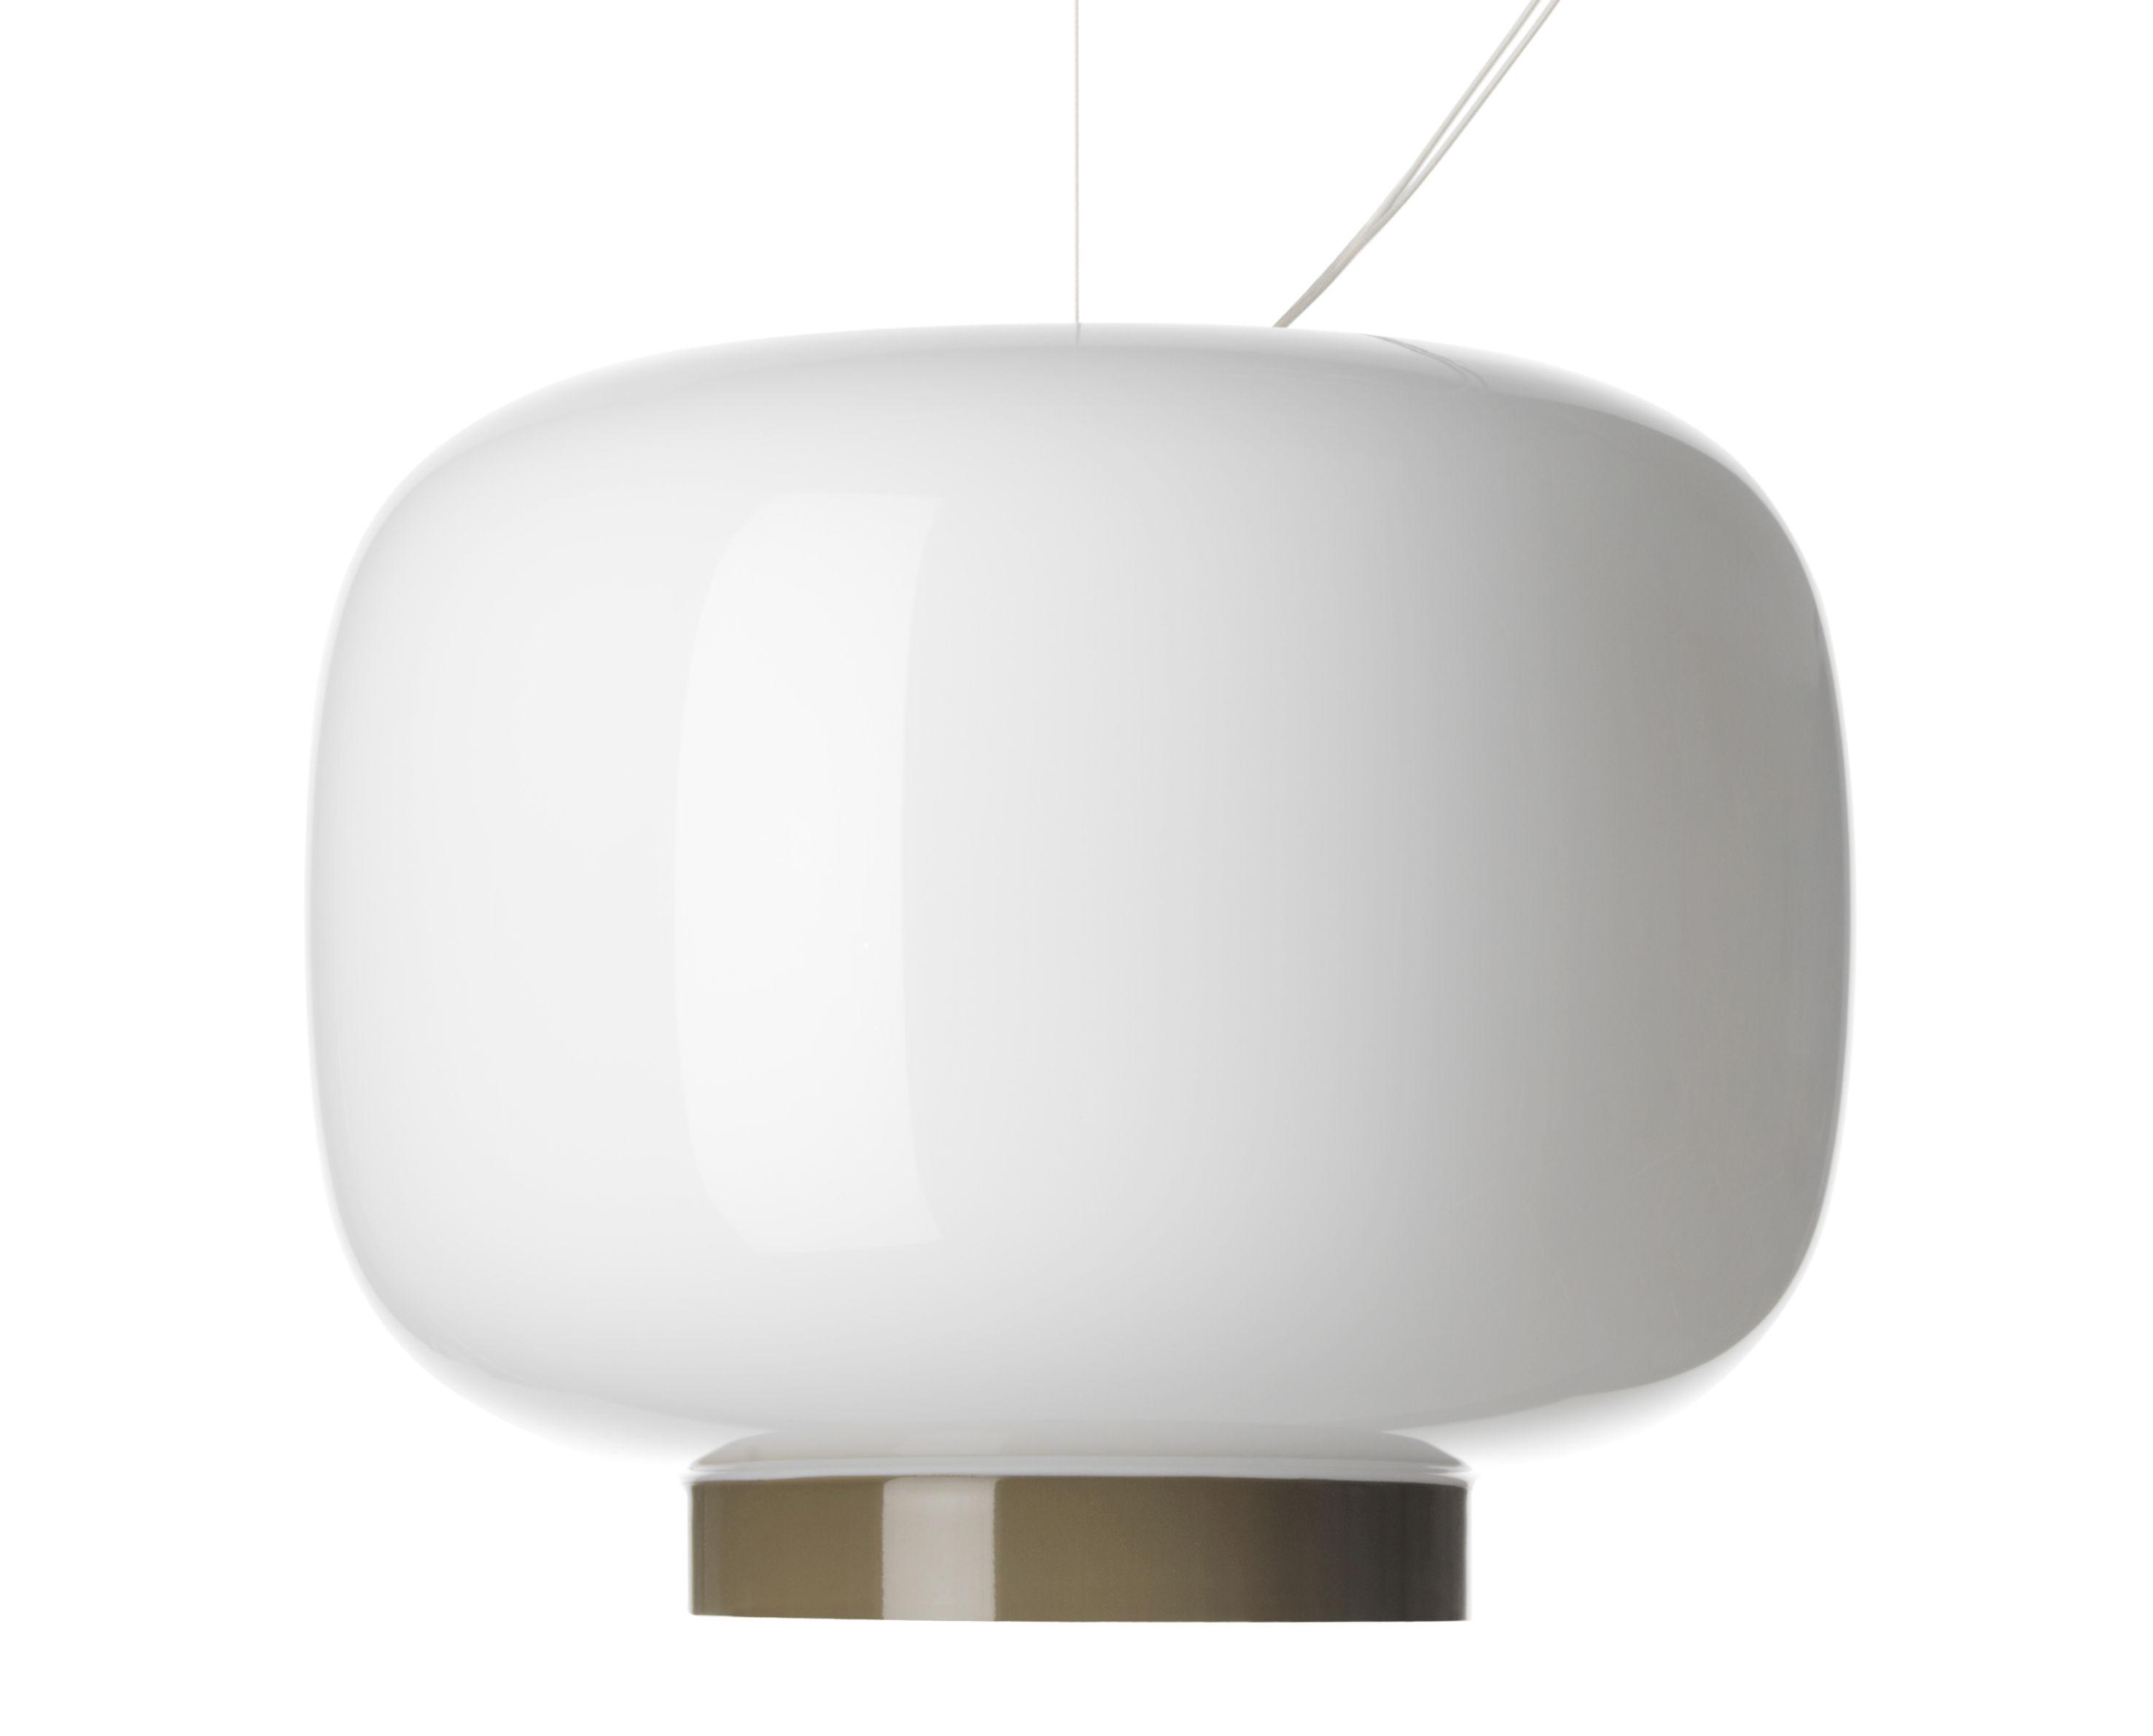 Leuchten - Pendelleuchten - Chouchin Reverse n°3 Pendelleuchte / Ø 30 cm x H 25 cm - Foscarini - Weiß / Abschlussstreifen grau - Glas, mundgeblasen, lackiert